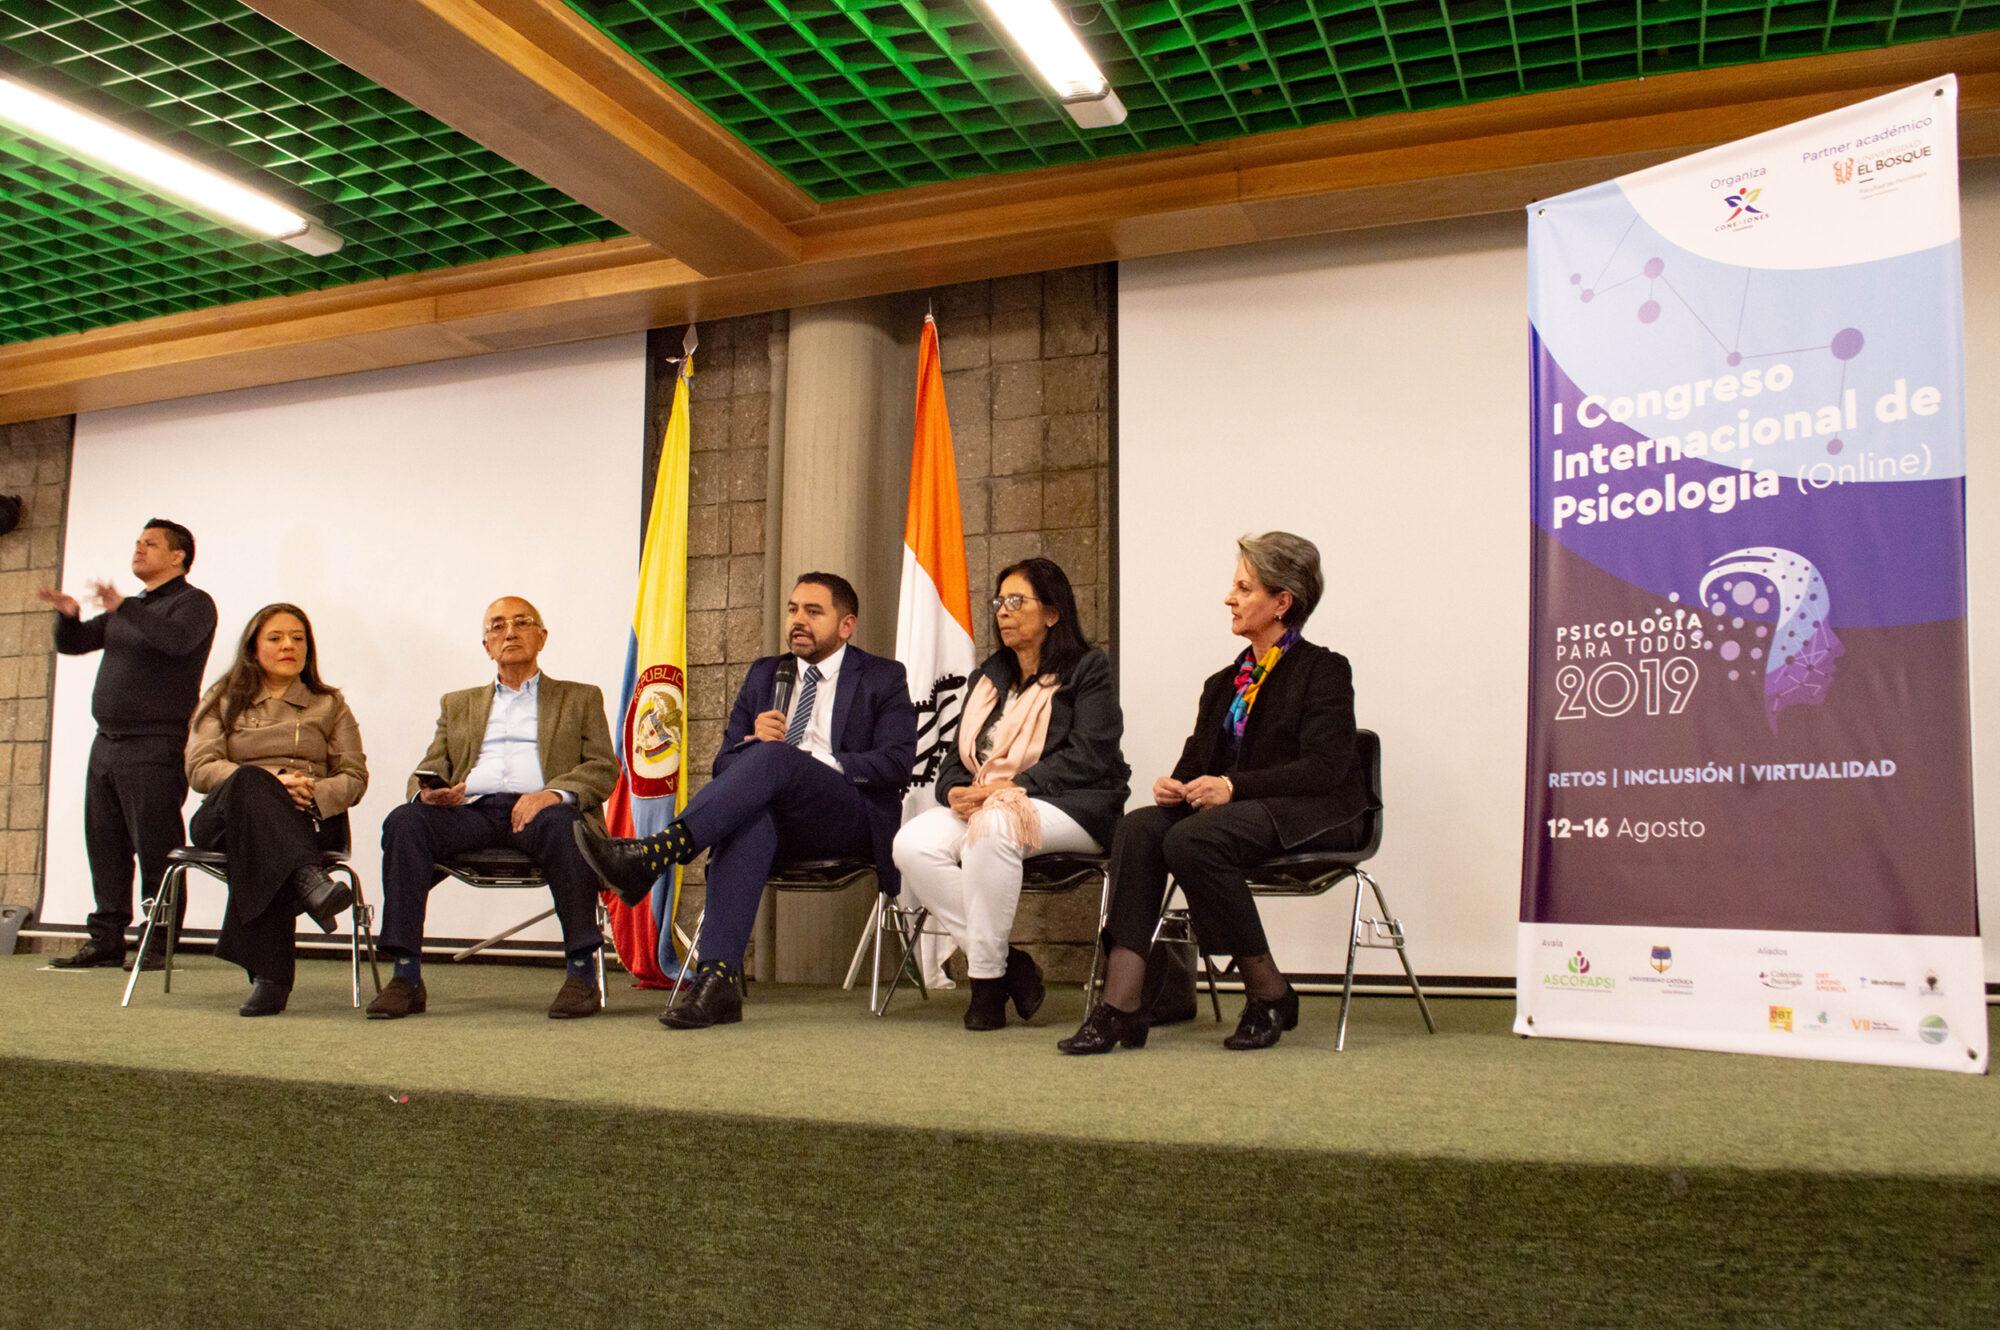 Congreso Internacional de Psicología Online